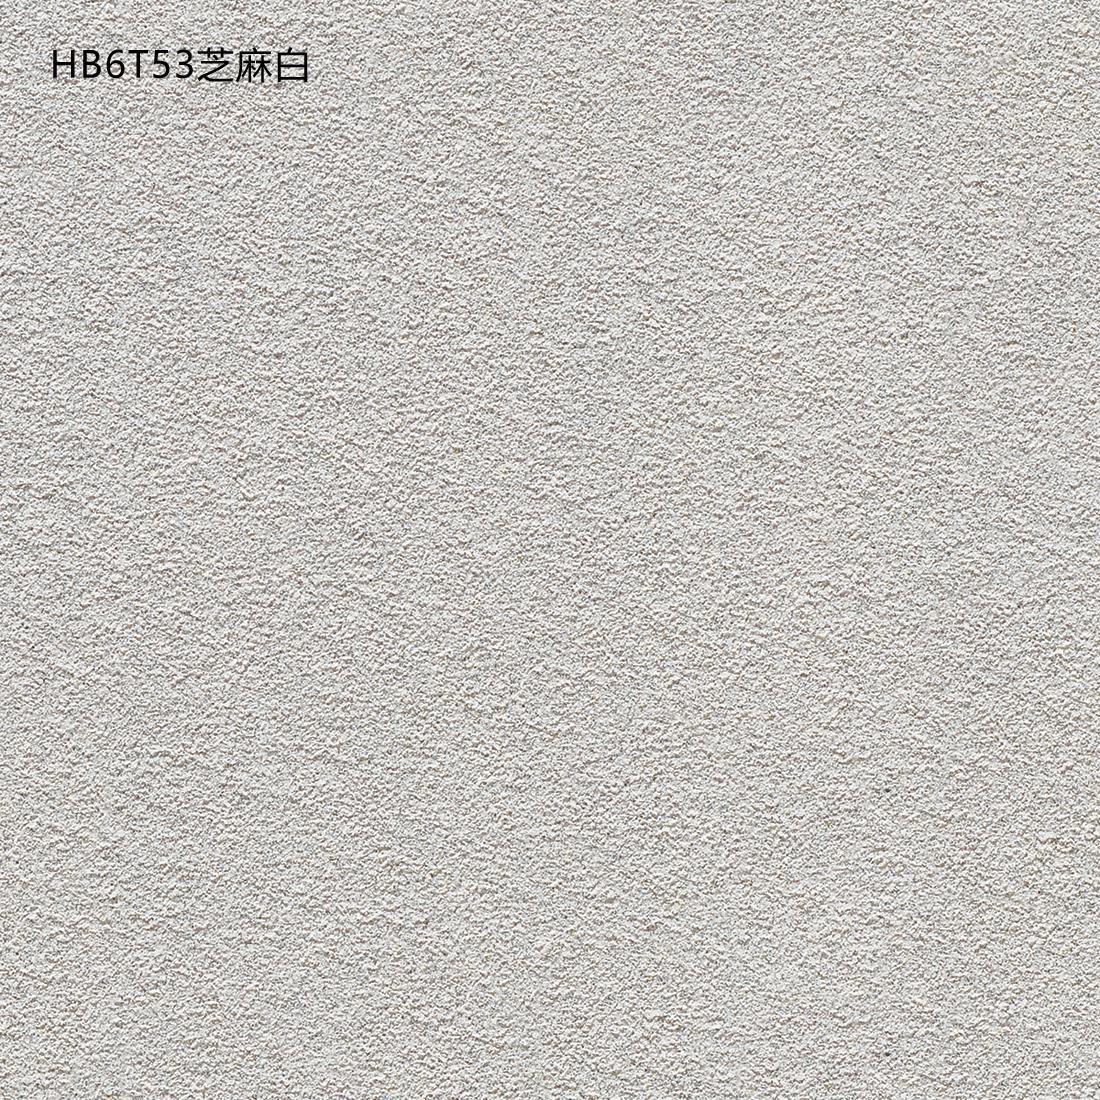 瓷砖幕墙对比传统幕墙有什么优点?